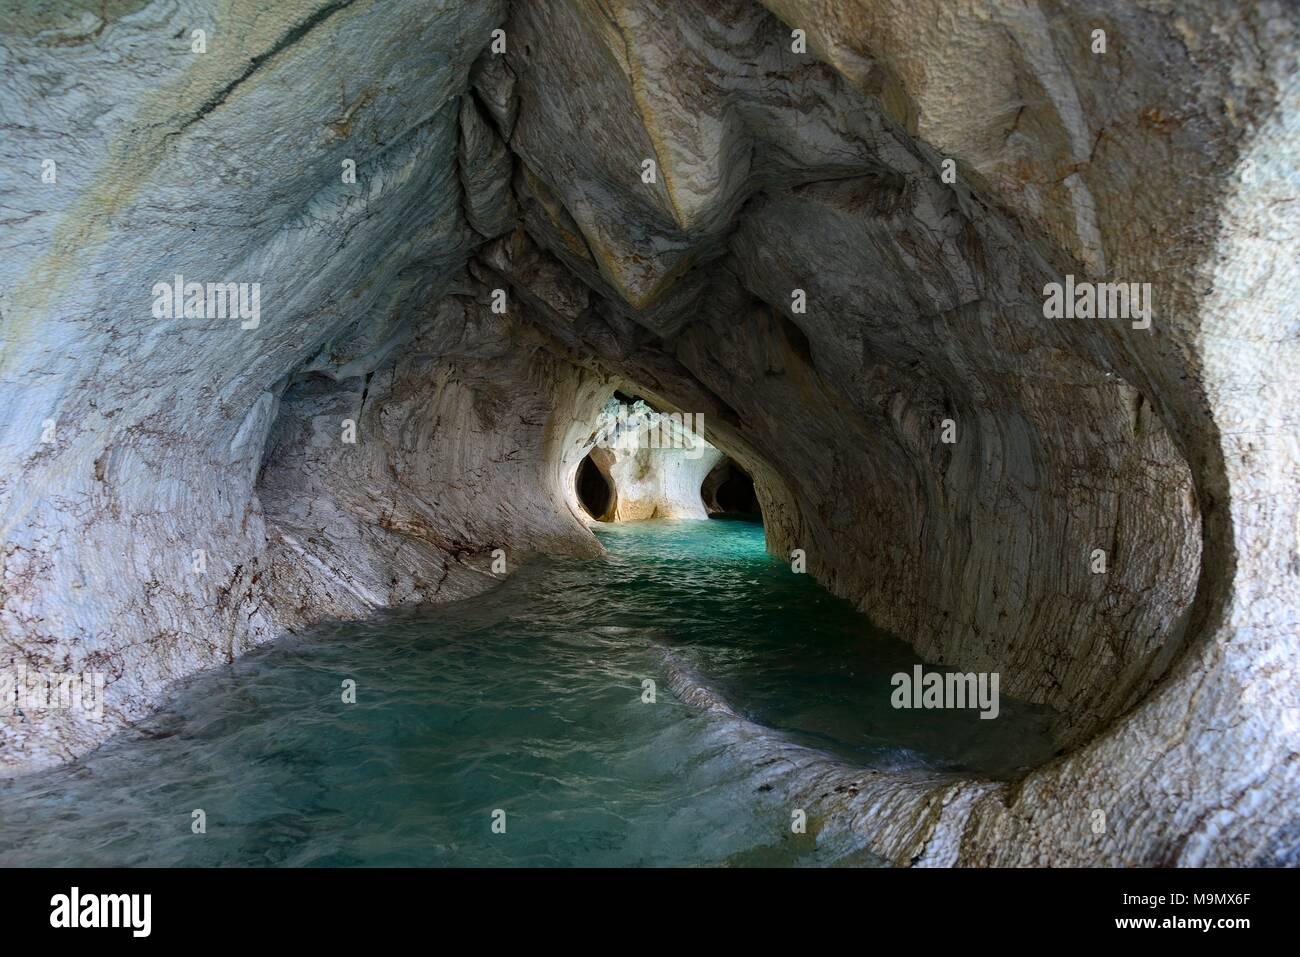 Bizarre rock formations of the marble caves, Cuevas de Marmol, Lago General Carrera, Puerto Rio Tranquilo, Región de Aysén - Stock Image